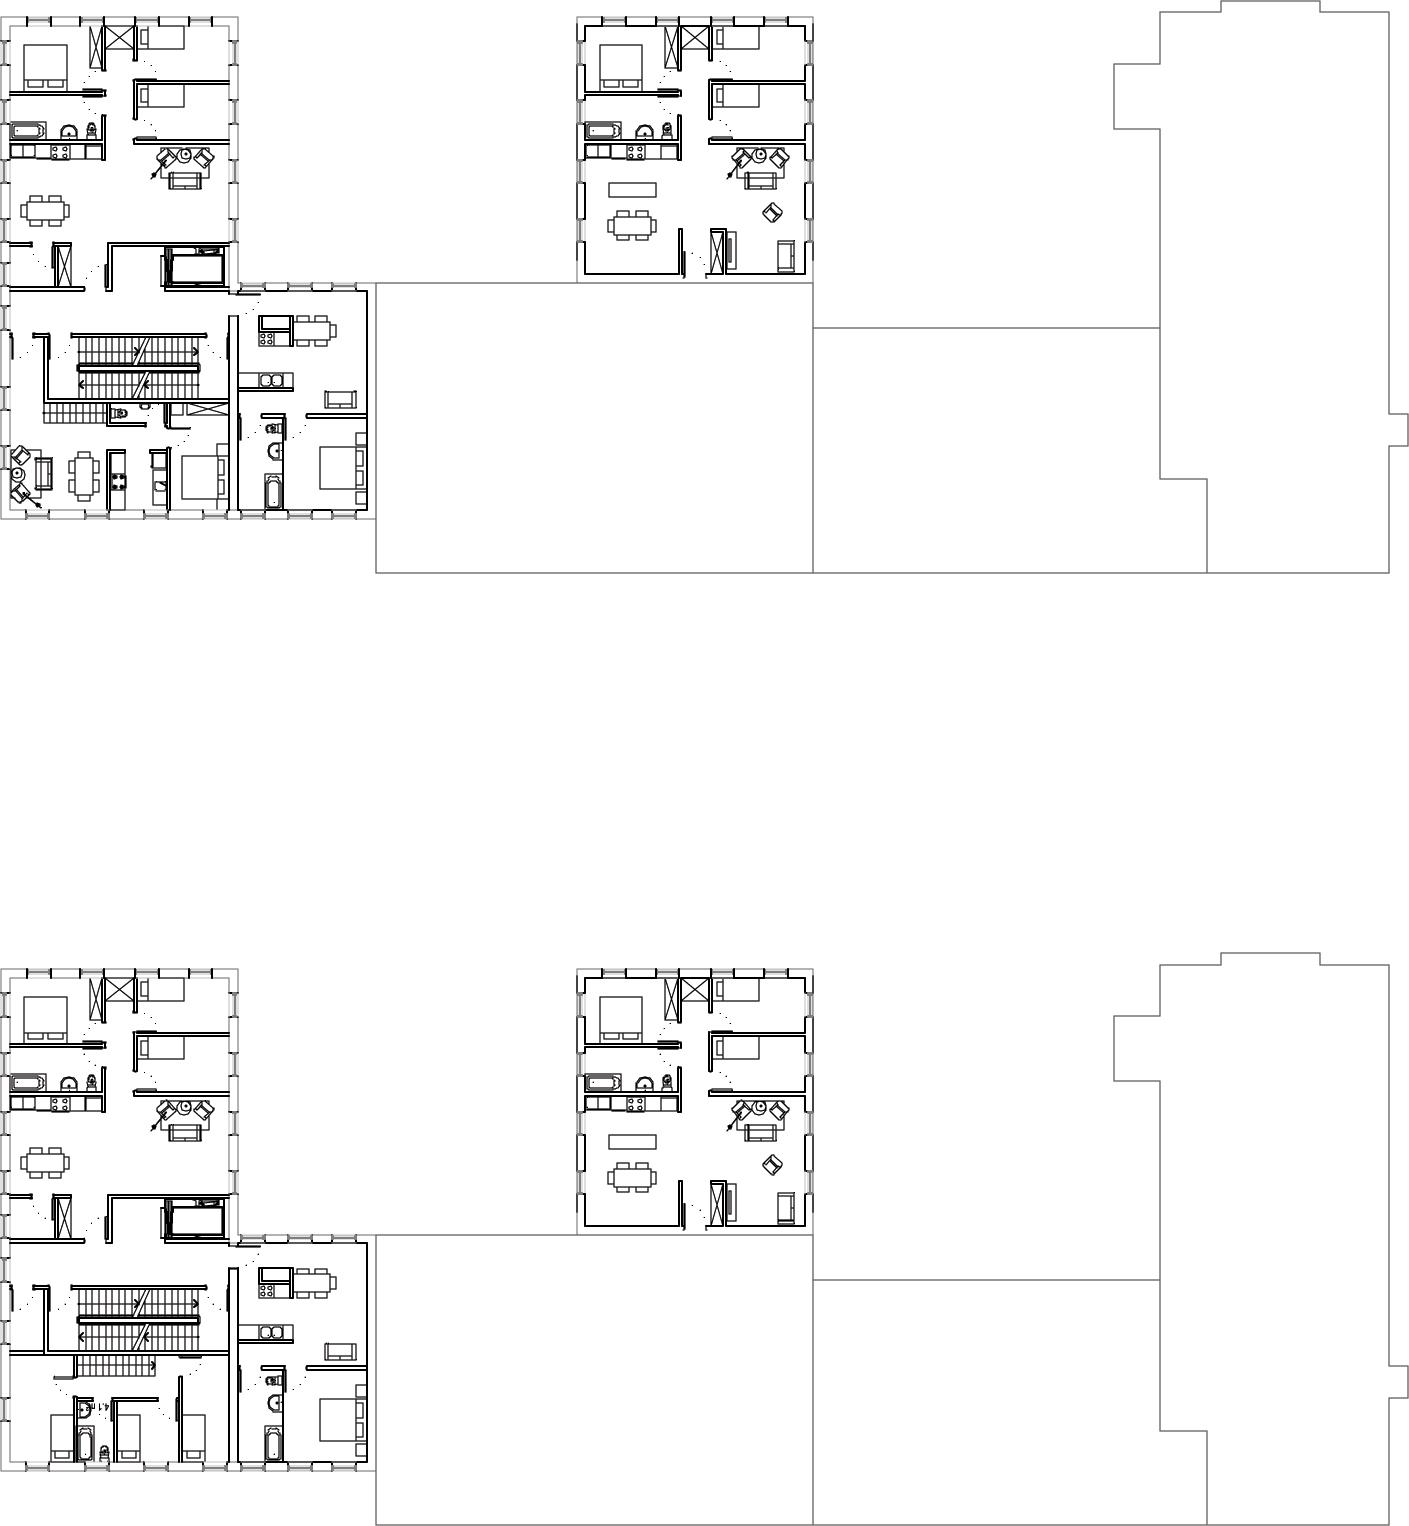 Plan des logements des étages 3, 4, 5 et 6